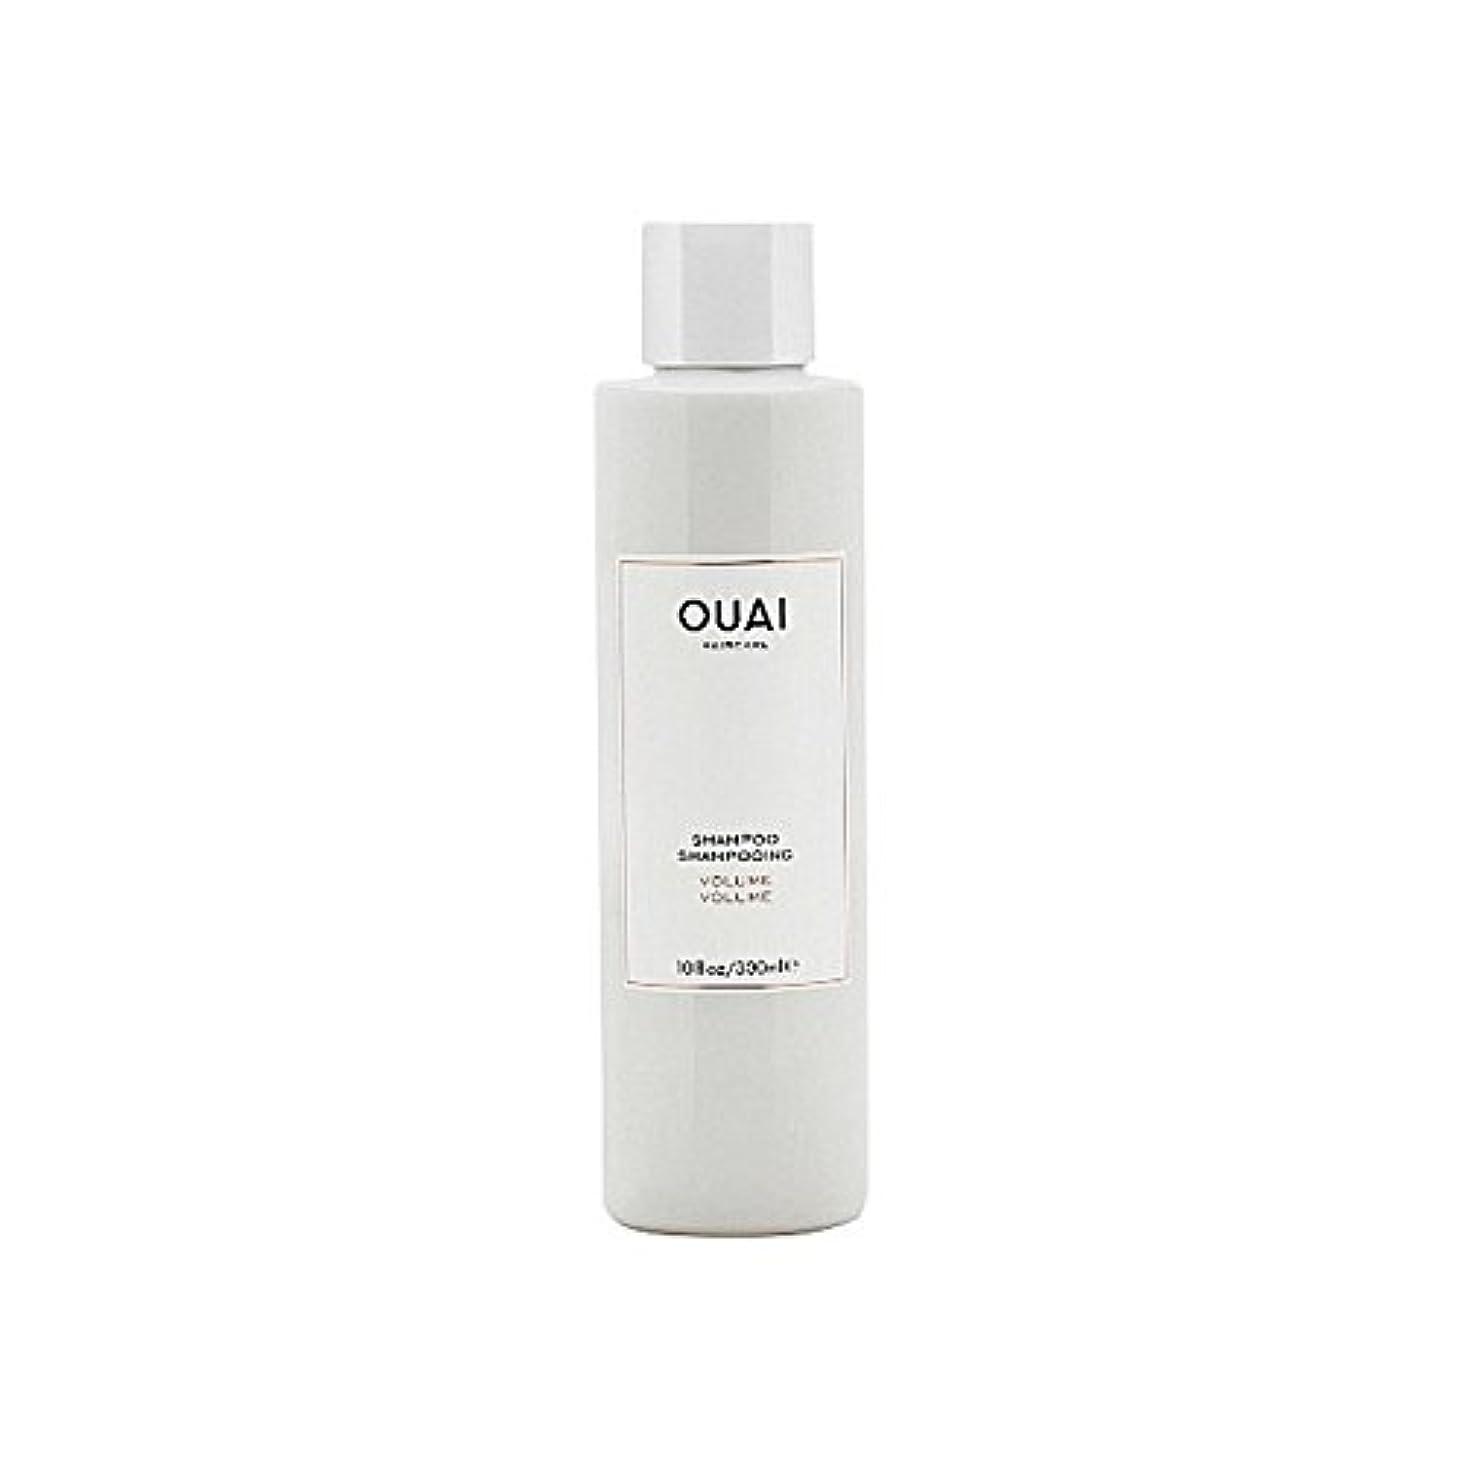 トランザクション品種参加者Ouai Volume Shampoo 300ml (Pack of 6) - ボリュームシャンプー300ミリリットル x6 [並行輸入品]